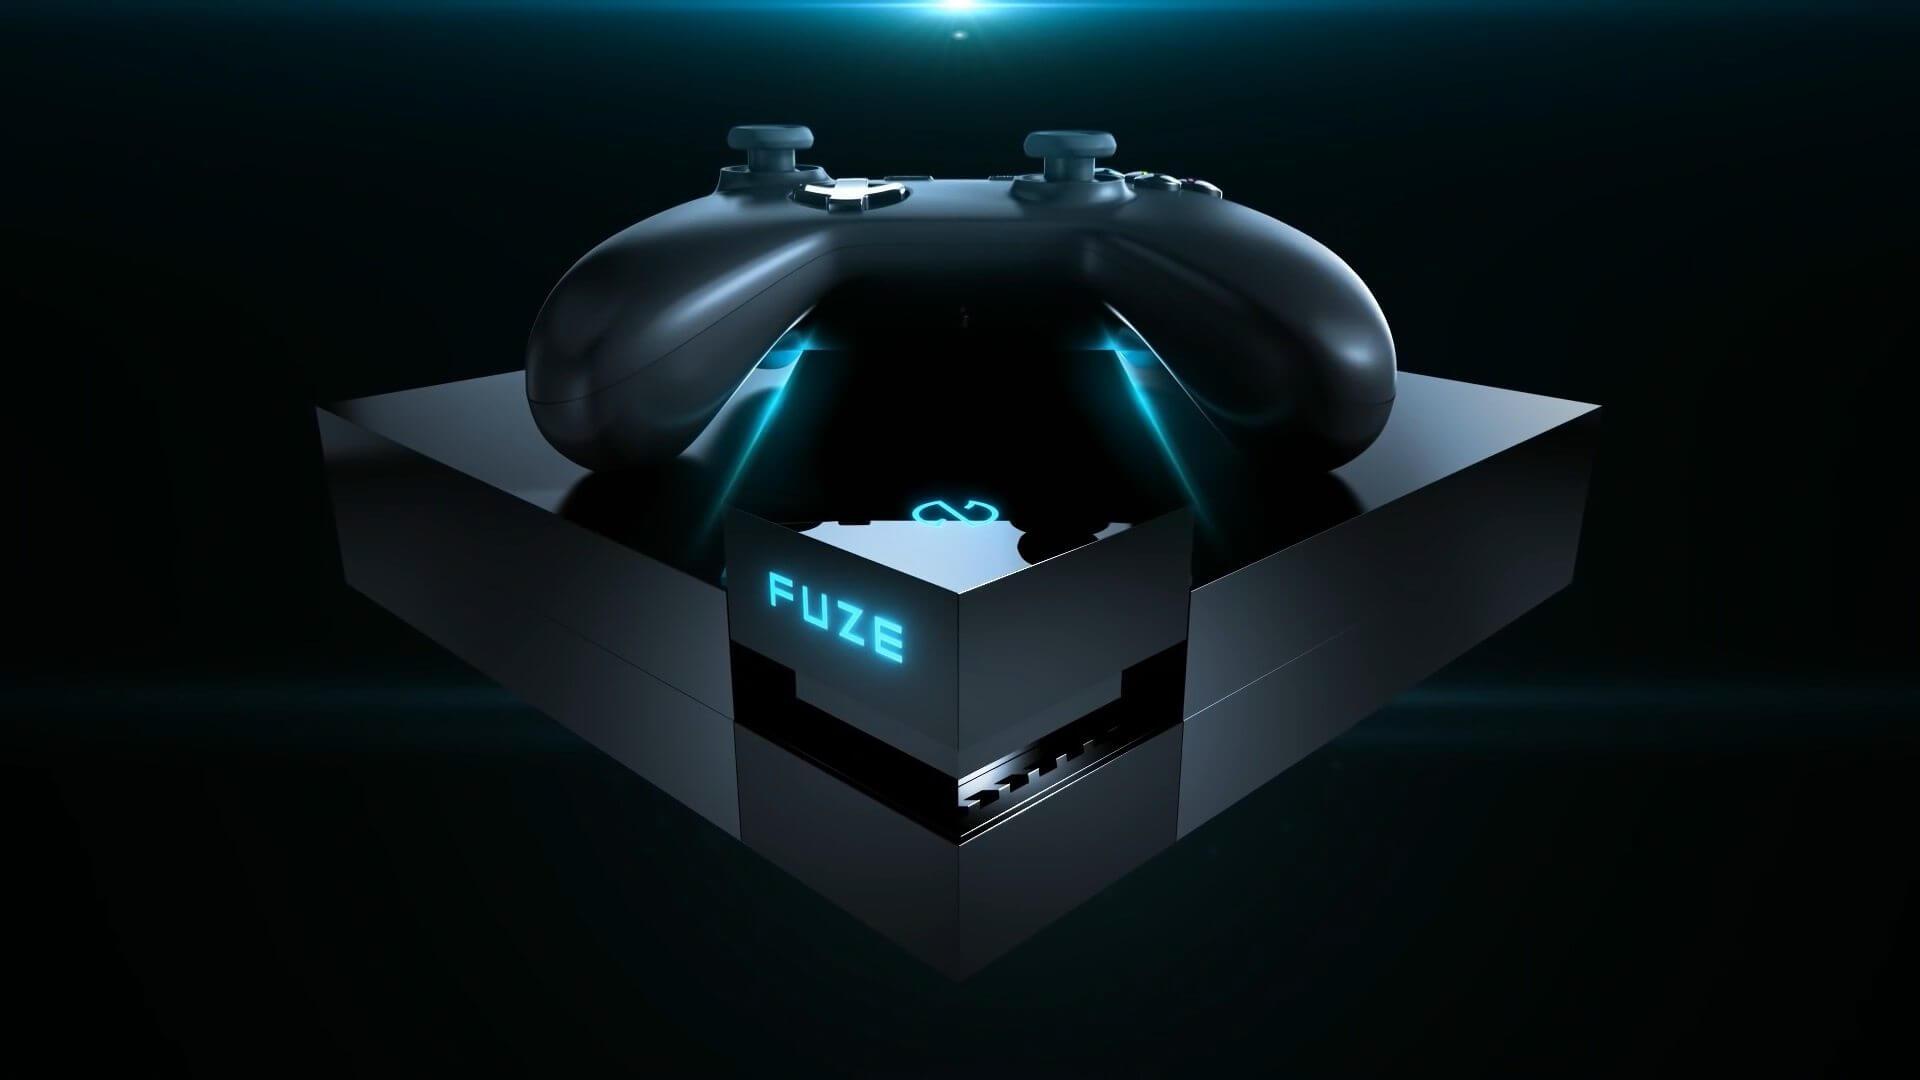 smt fuze tomahawk f1 capa1 - Fuze Tomahawk F1 é um console que mistura PS4 e Xbox One